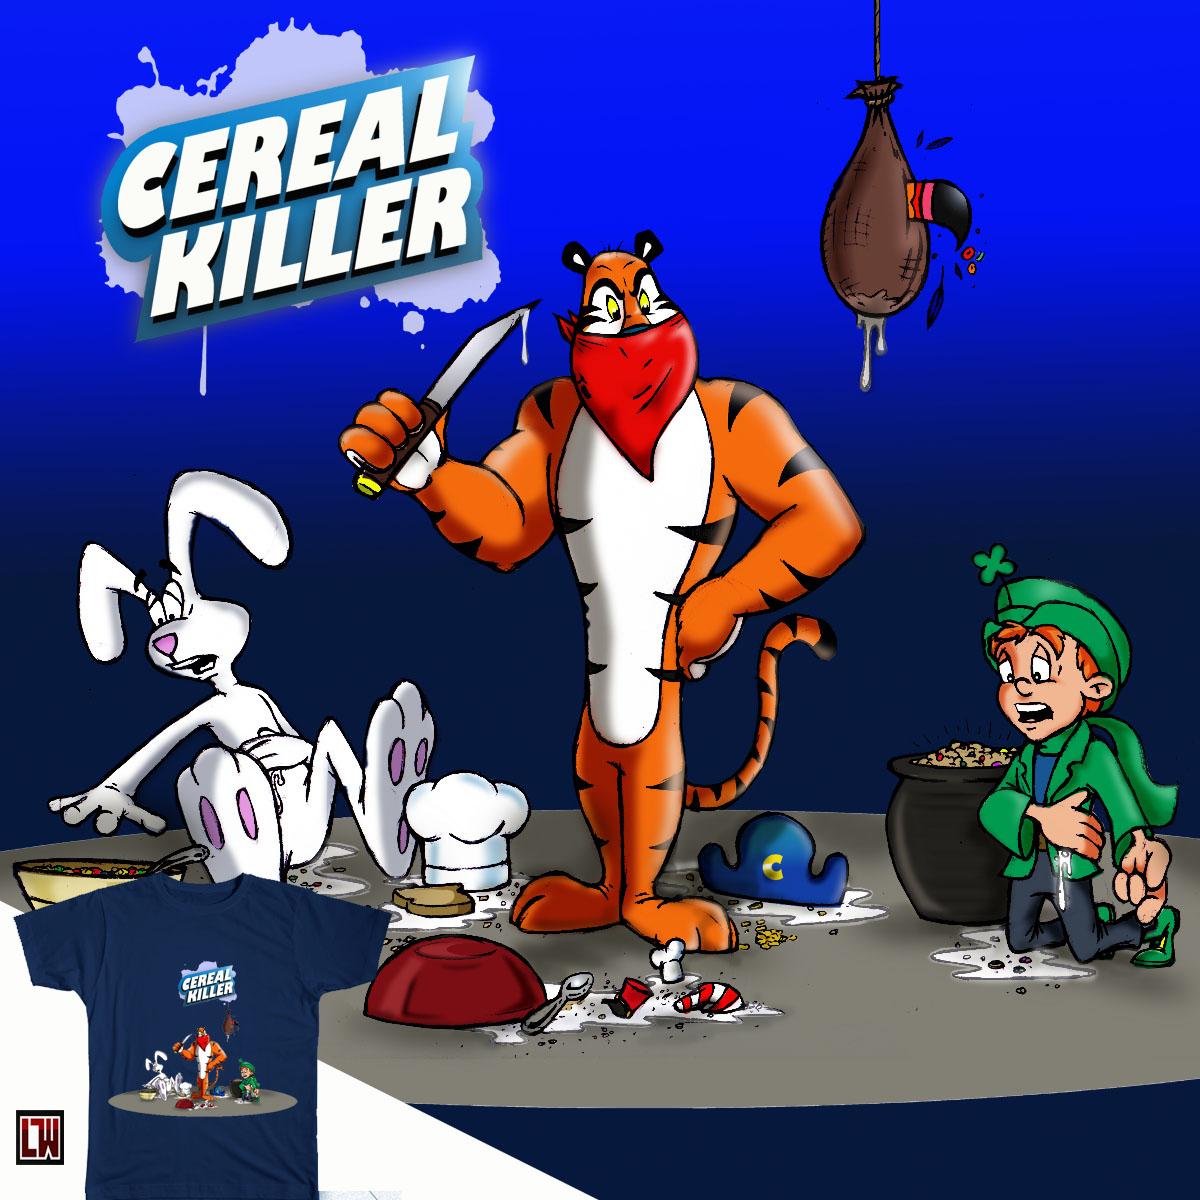 Cereal Killer by cartoon1 on Threadless